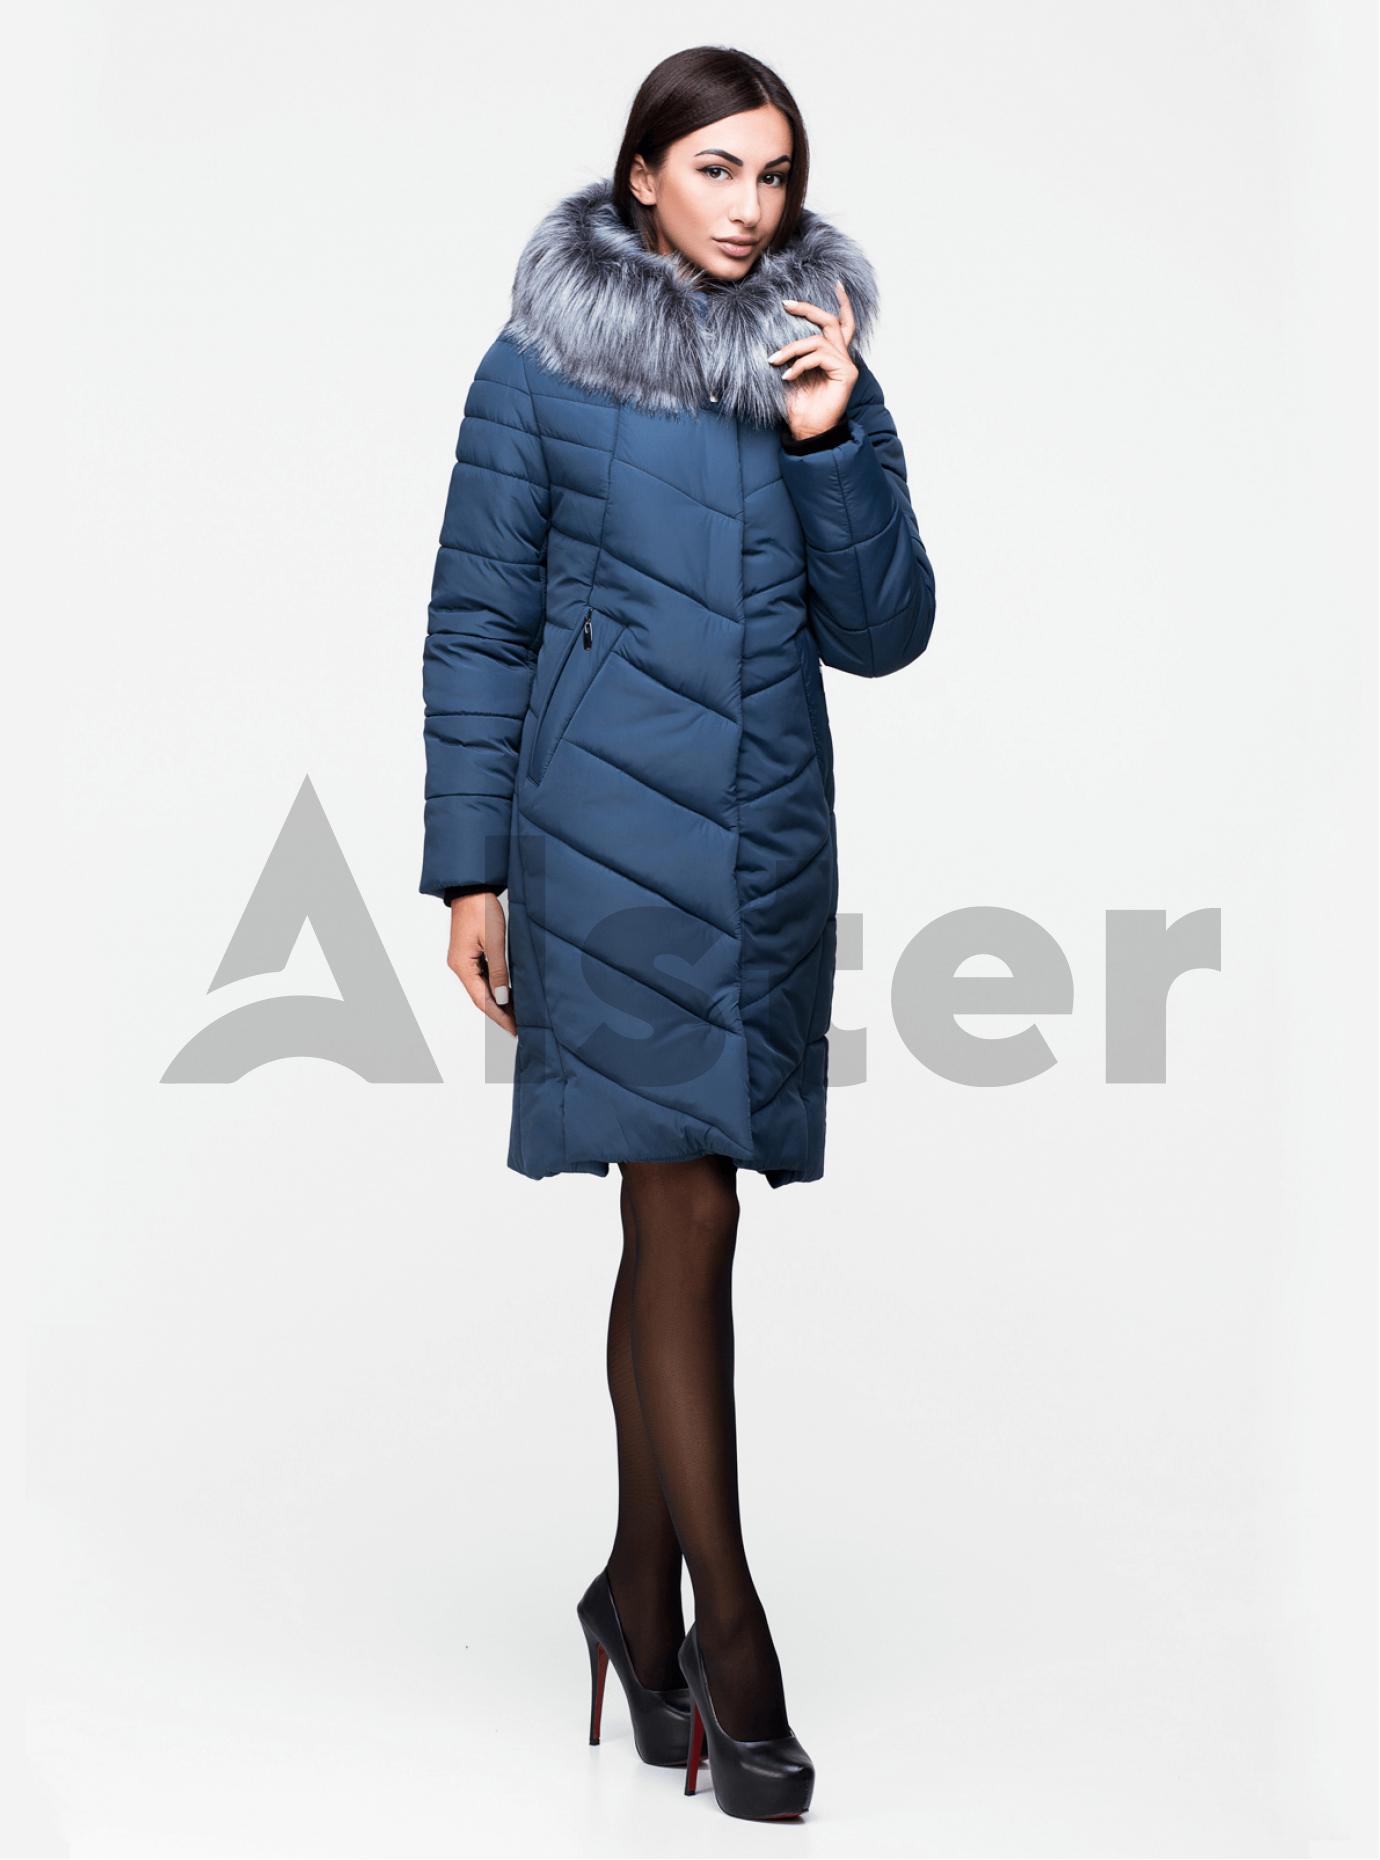 Куртка зимняя средней длины с искусственным мехом Зелёный 44 (03-P19051): фото - Alster.ua